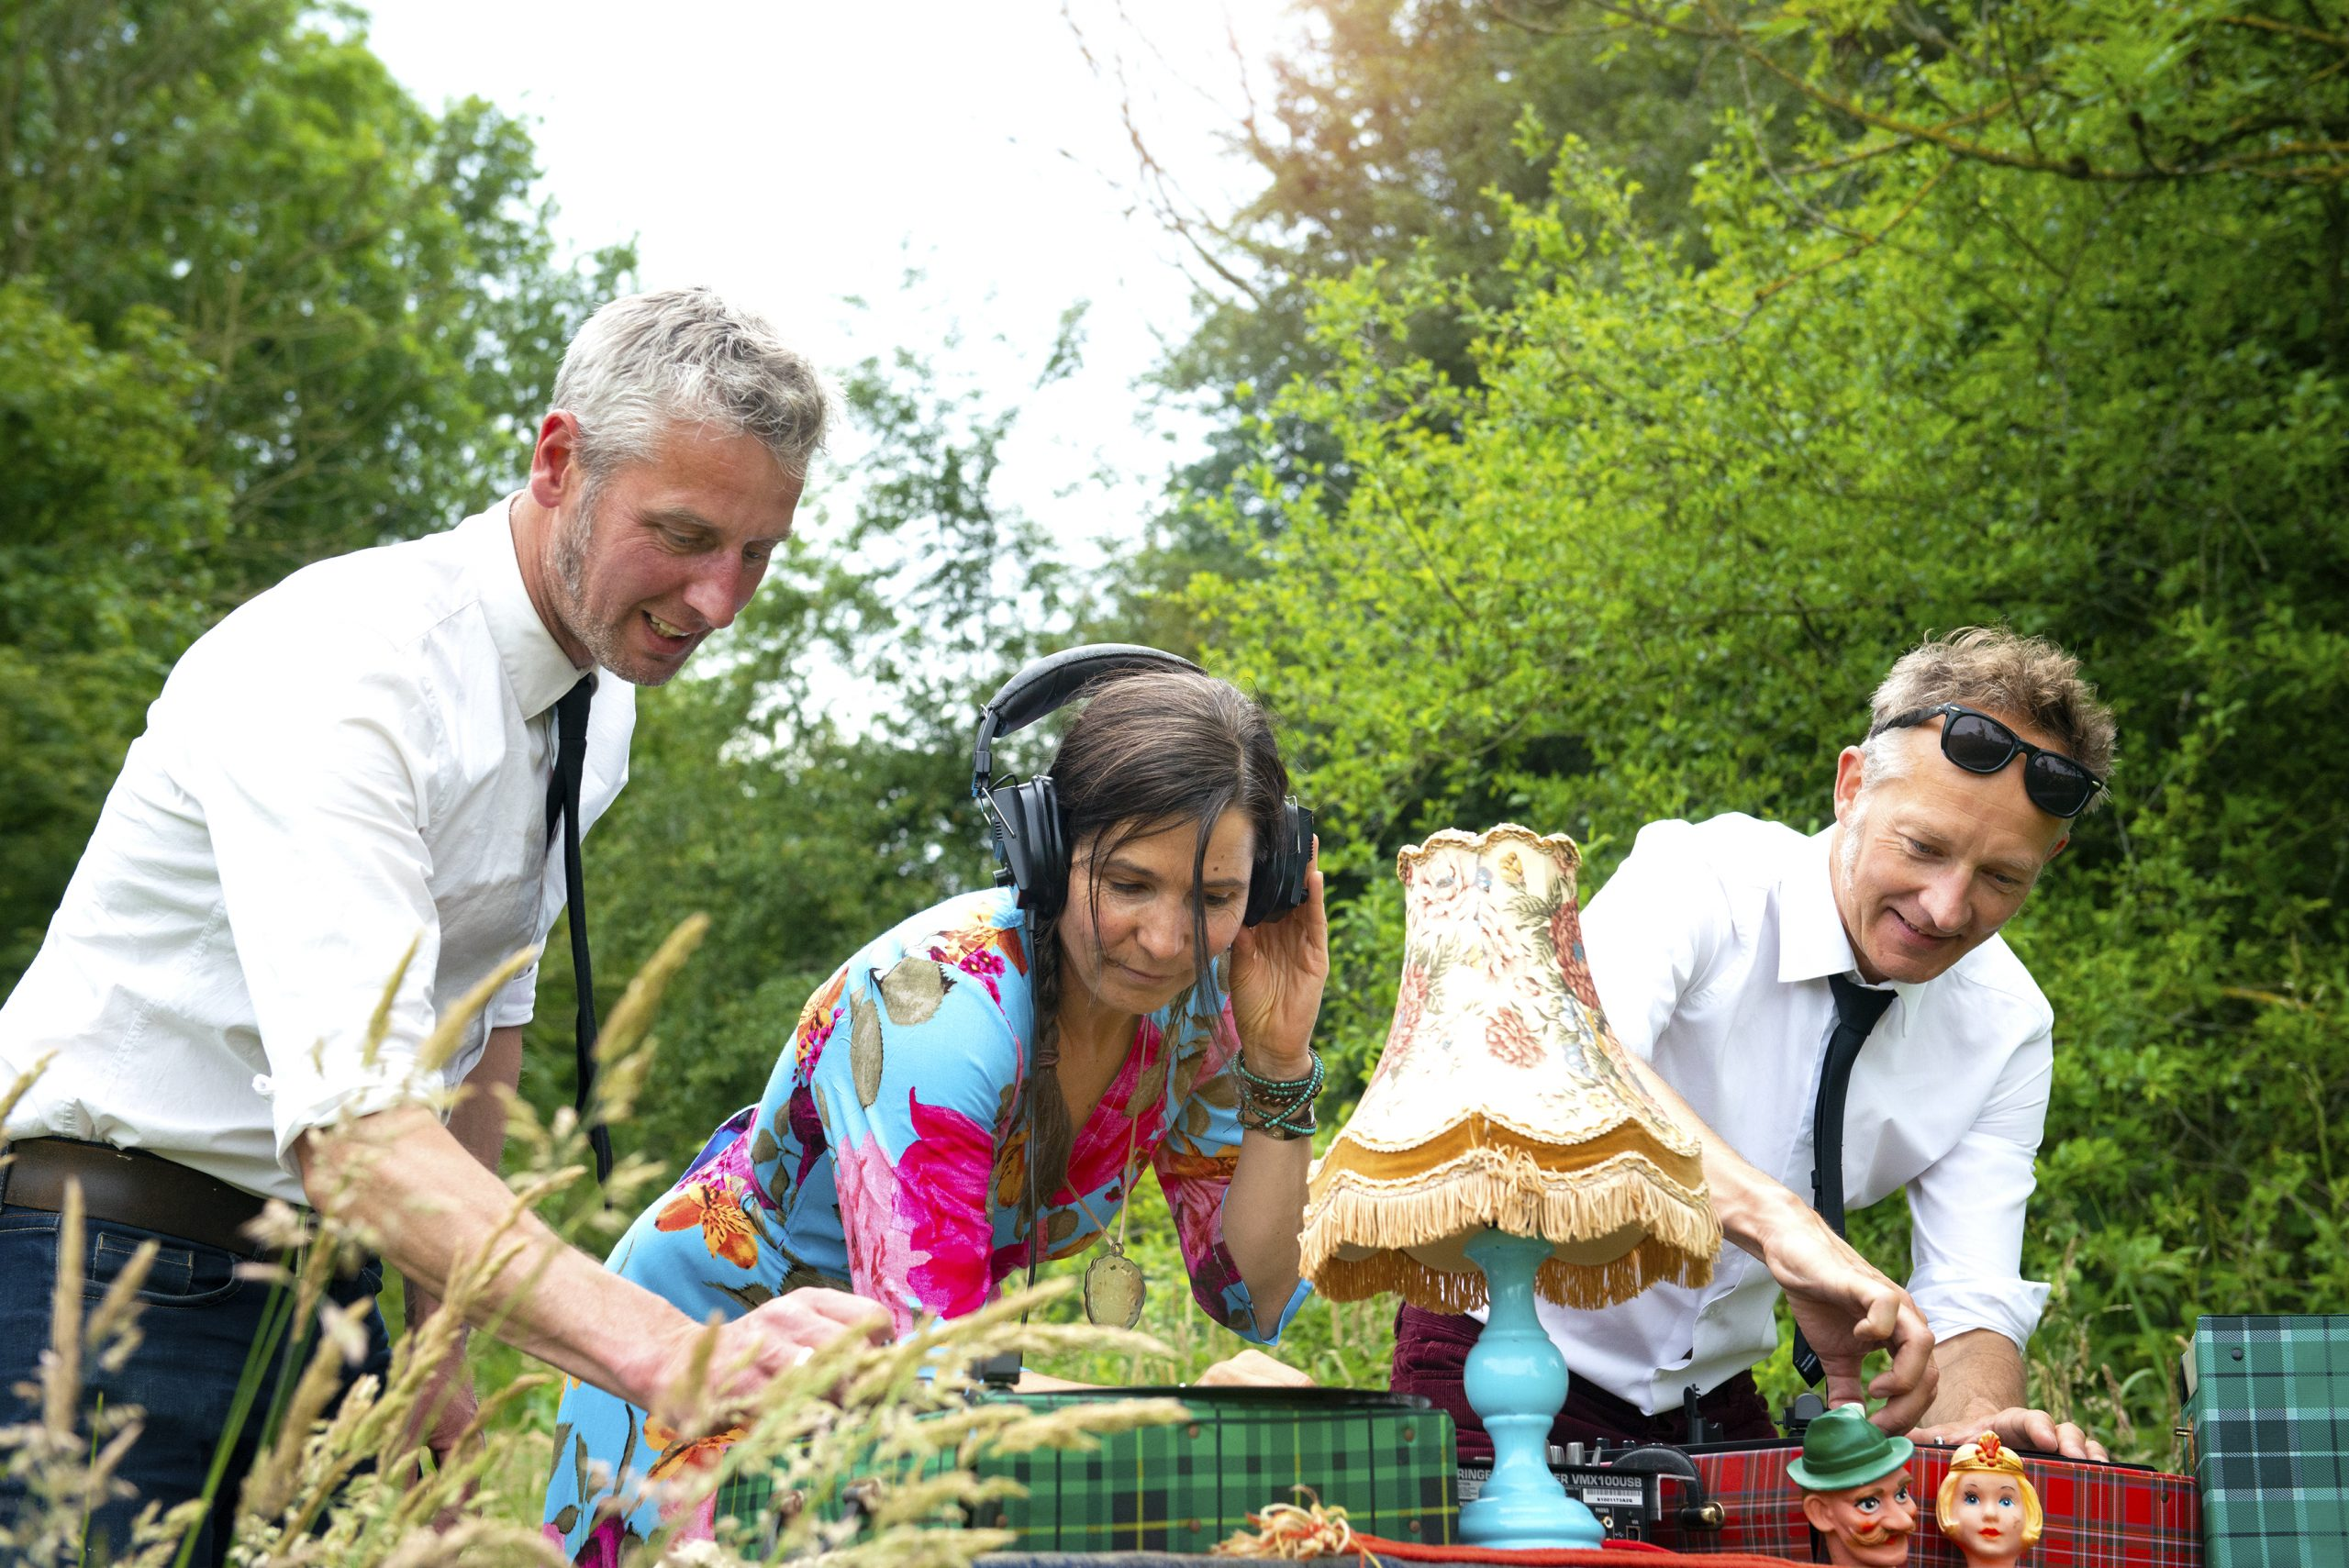 Pieter, Marieke en Erik zetten samen een plaatje op